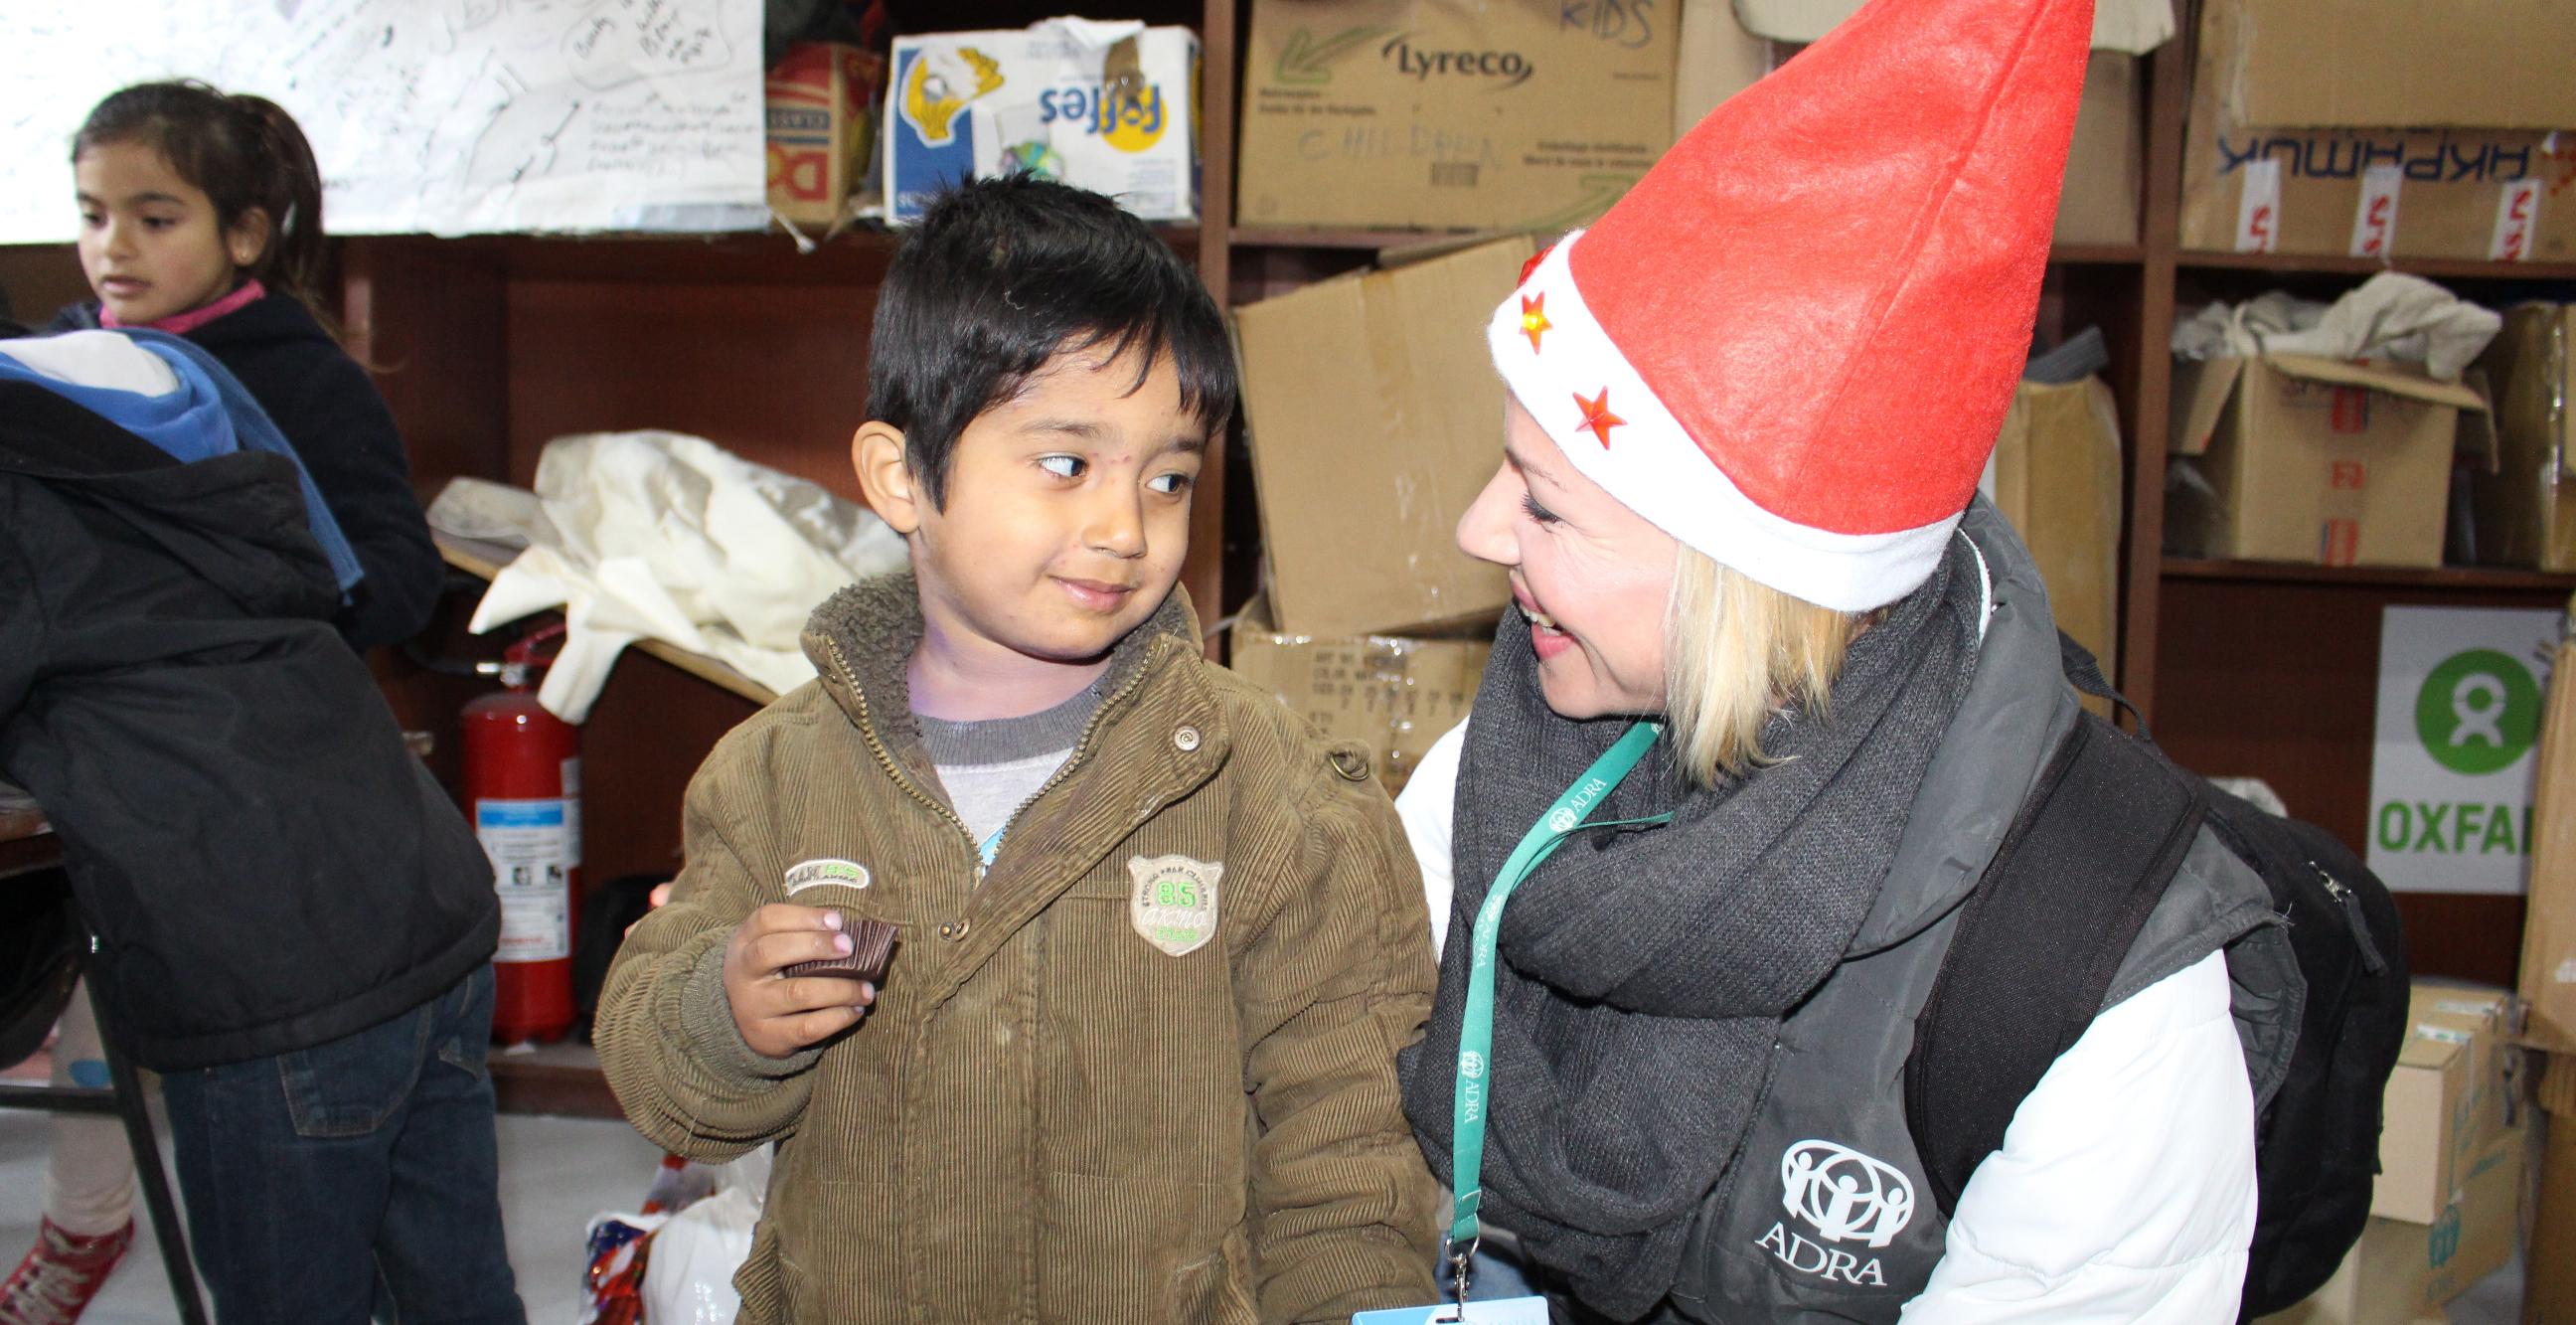 ADRA - Kinder helfen Kinder